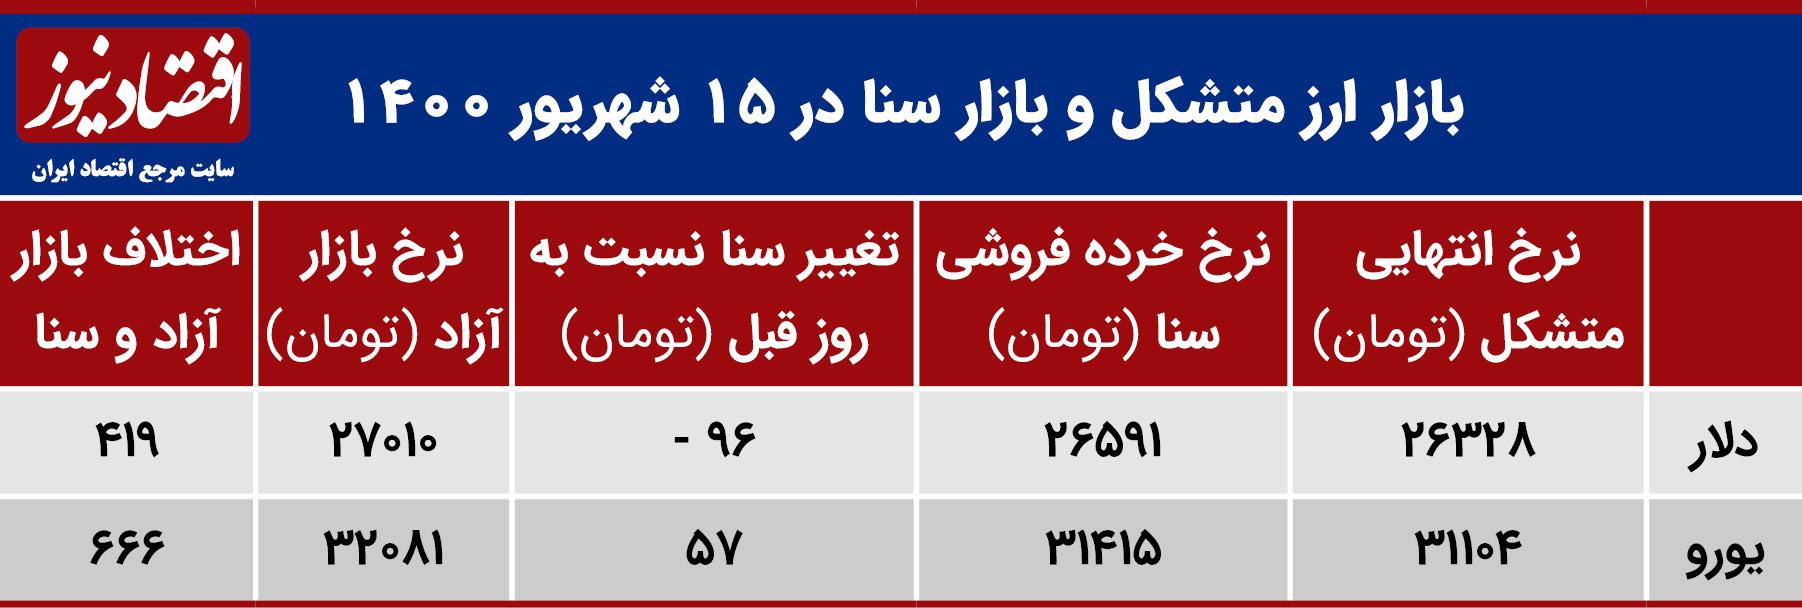 بازدهی بازارهای 15 شهروریر 1400